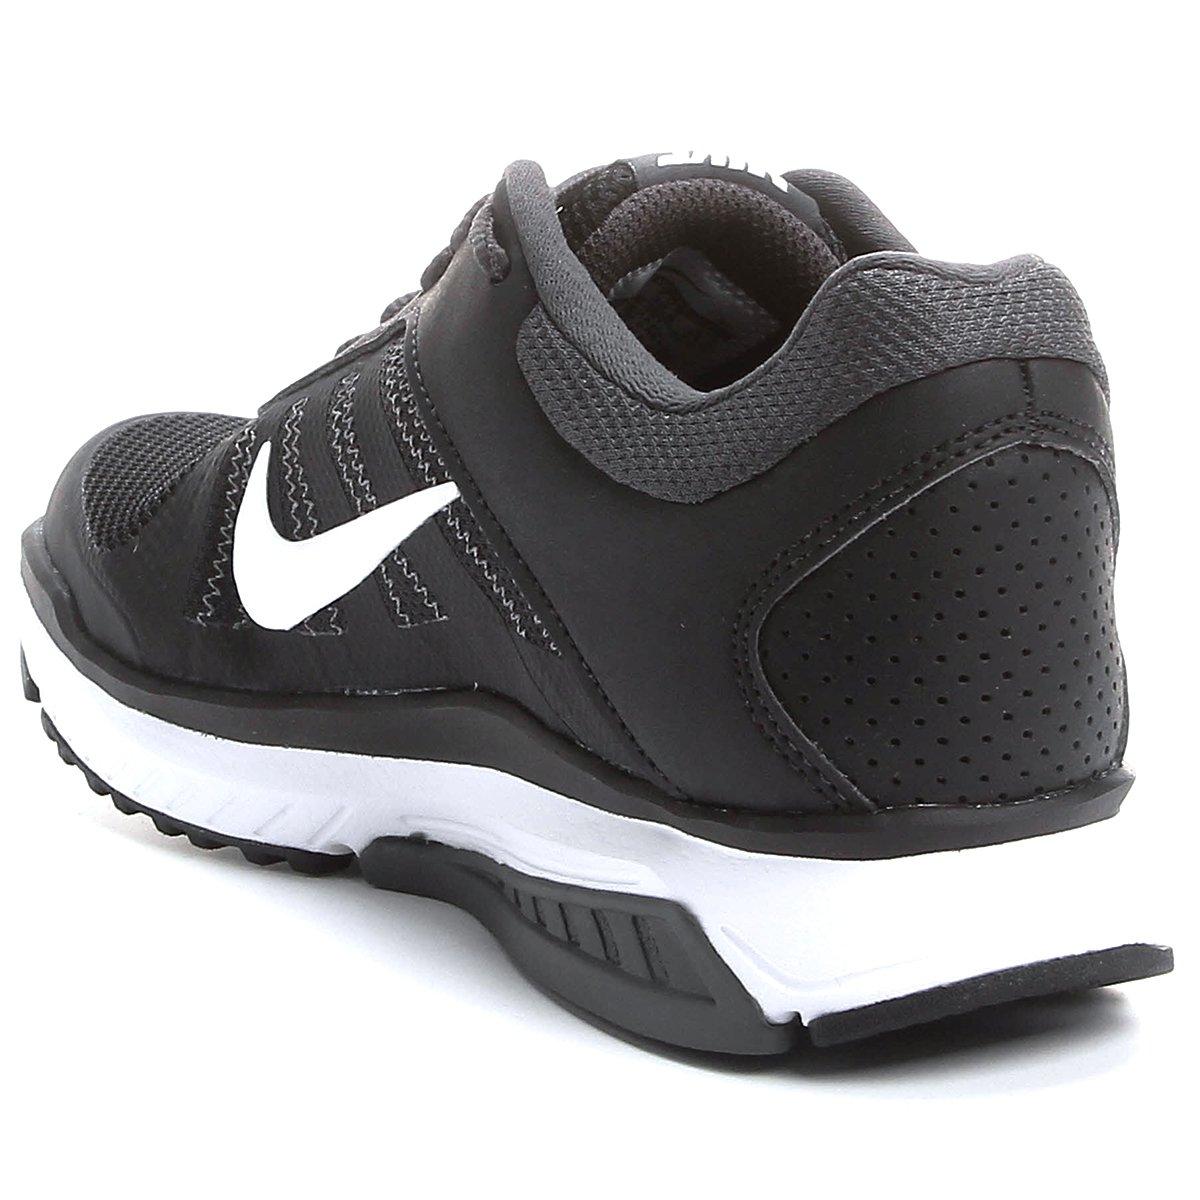 fb52a18631 Tênis Nike Dart 12 MSL Feminino - Preto e Branco - Compre Agora ...